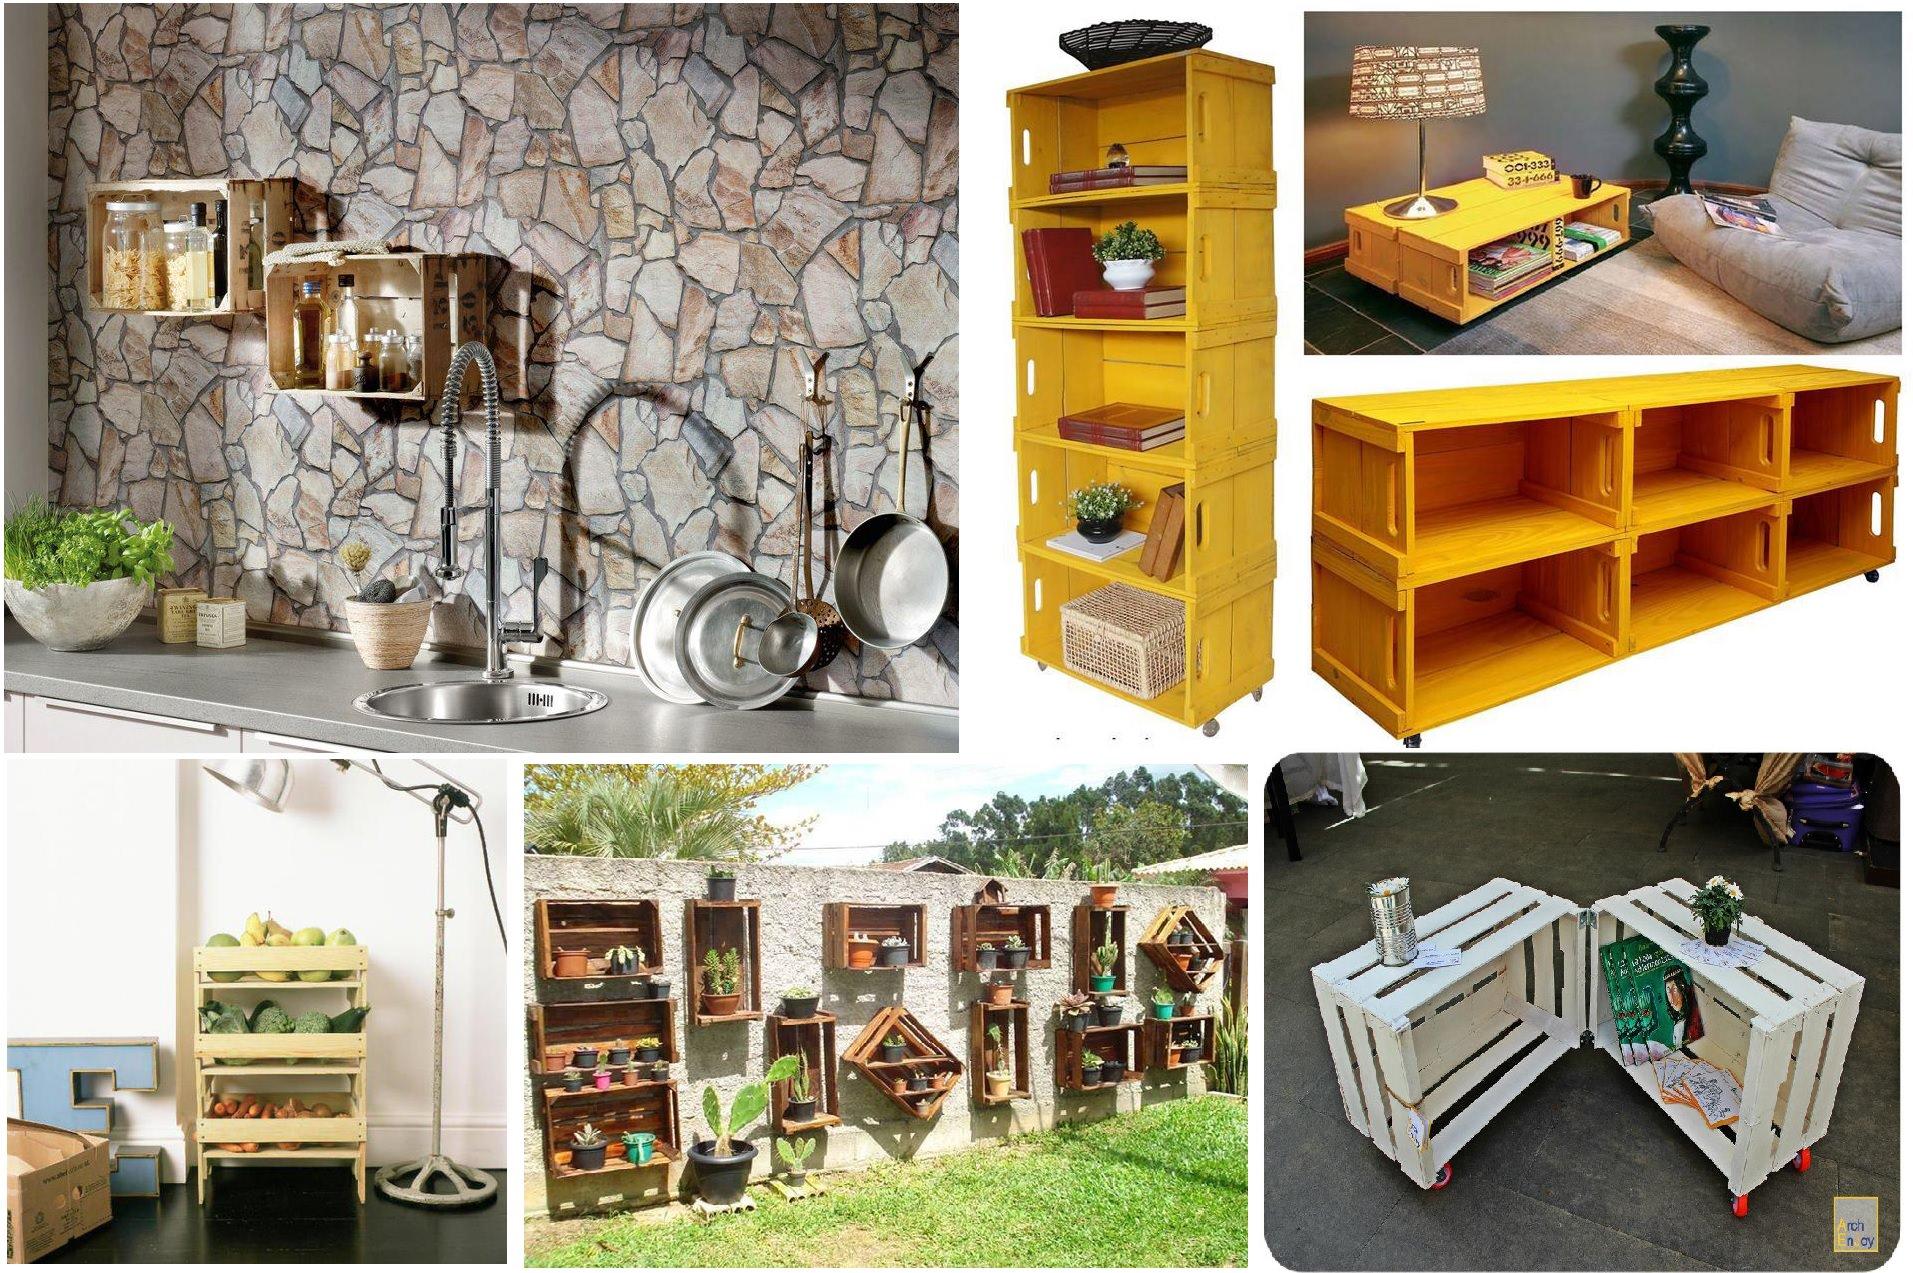 Trasformare cassette della frutta in decorazioni per la casa - Shopping per la casa ...